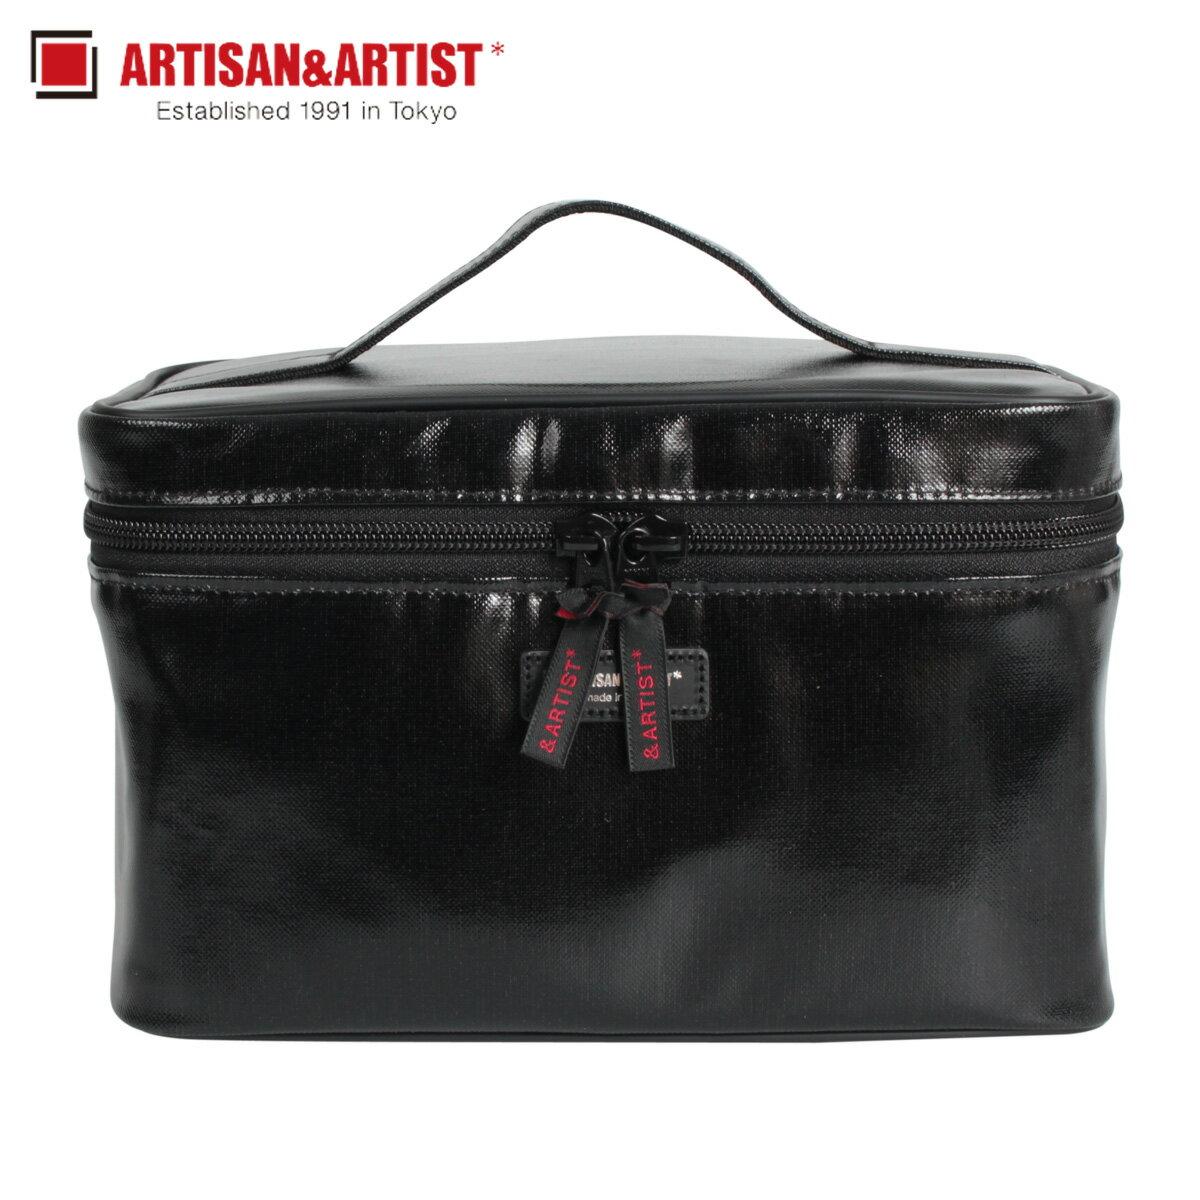 レディースバッグ, 化粧ポーチ 1000OFF ARTISANARTIST STANDARD VANITY 9WP-BV207